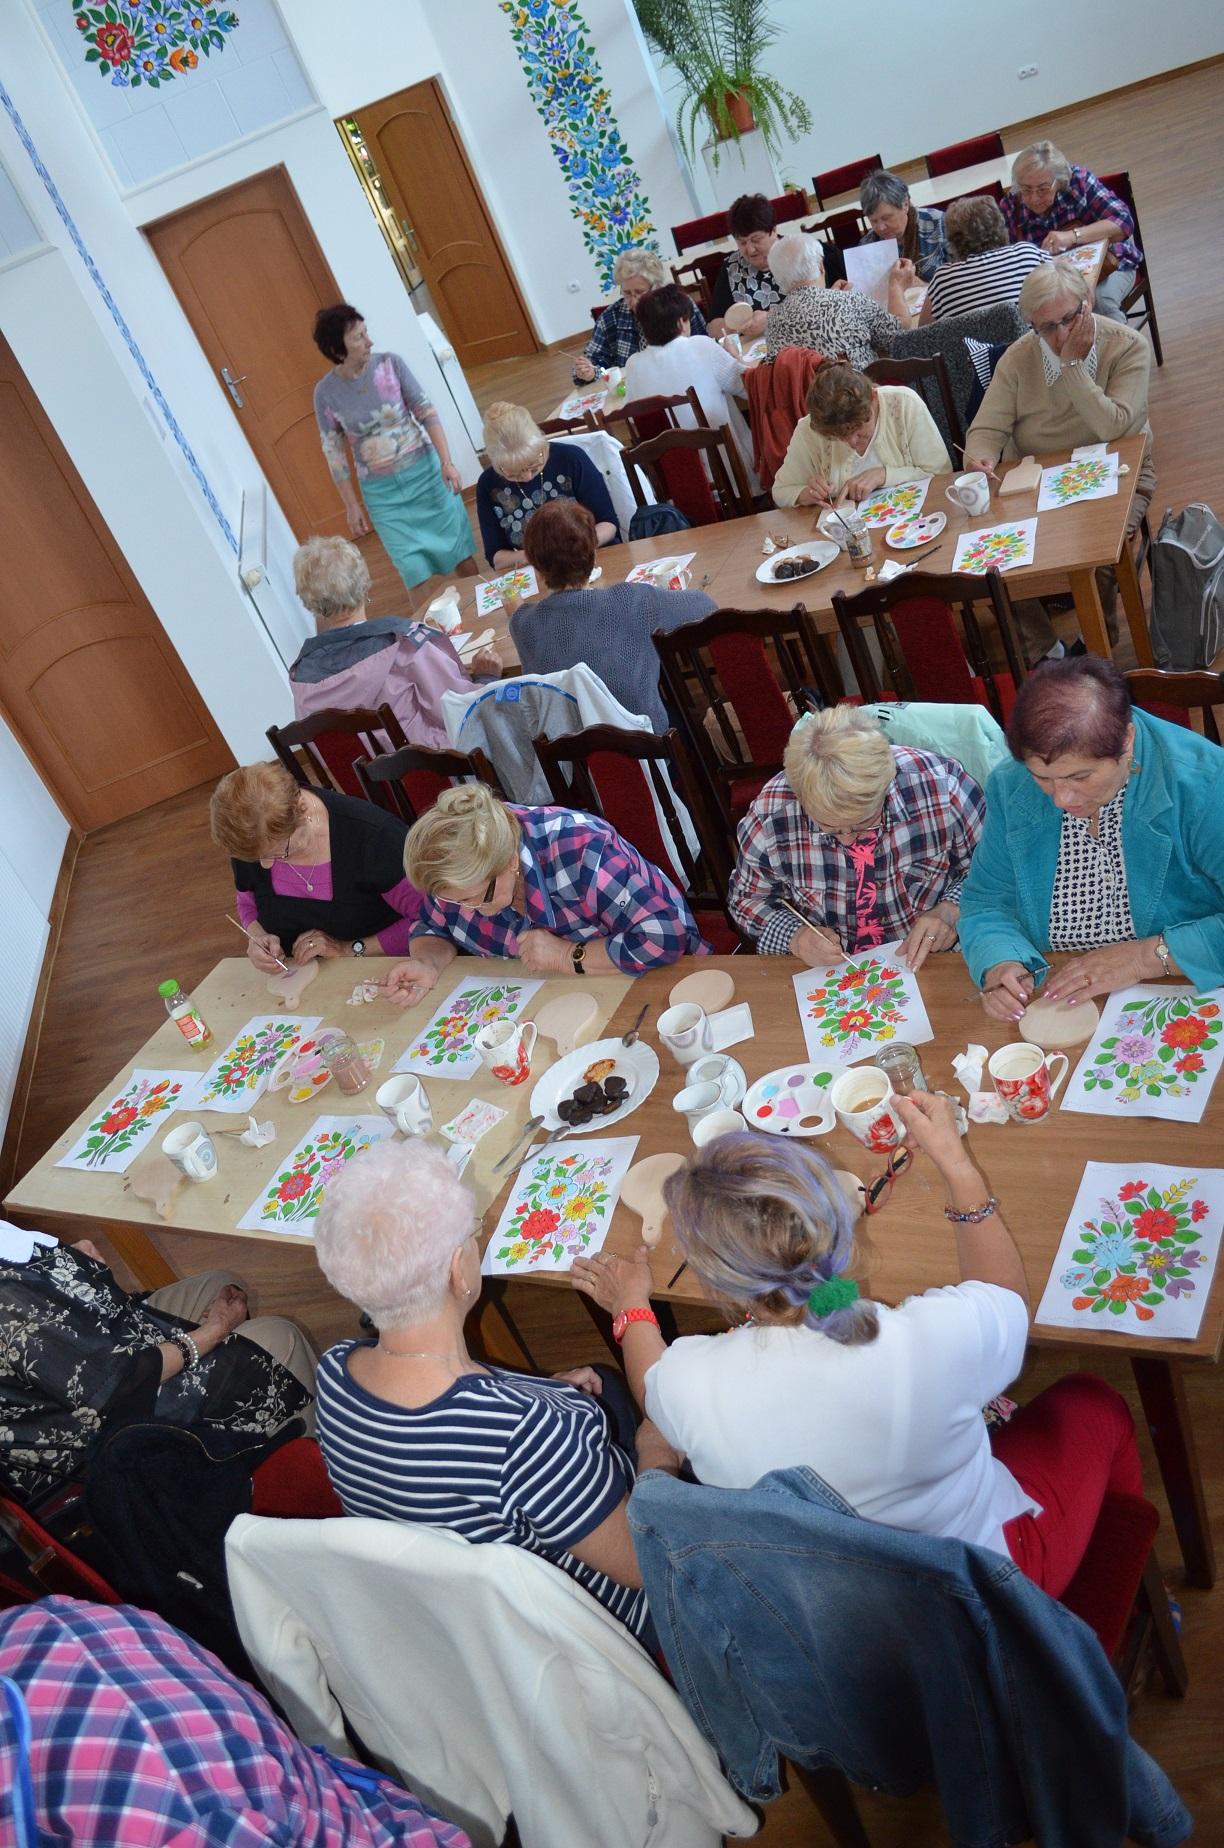 Duża sala. W niej kilka stołów, przy których siedzą kobiety w wieku około 60 lat. Na kartkach papieru lub drewnianych deseczkach malują kolorowe kwiatowe wzor